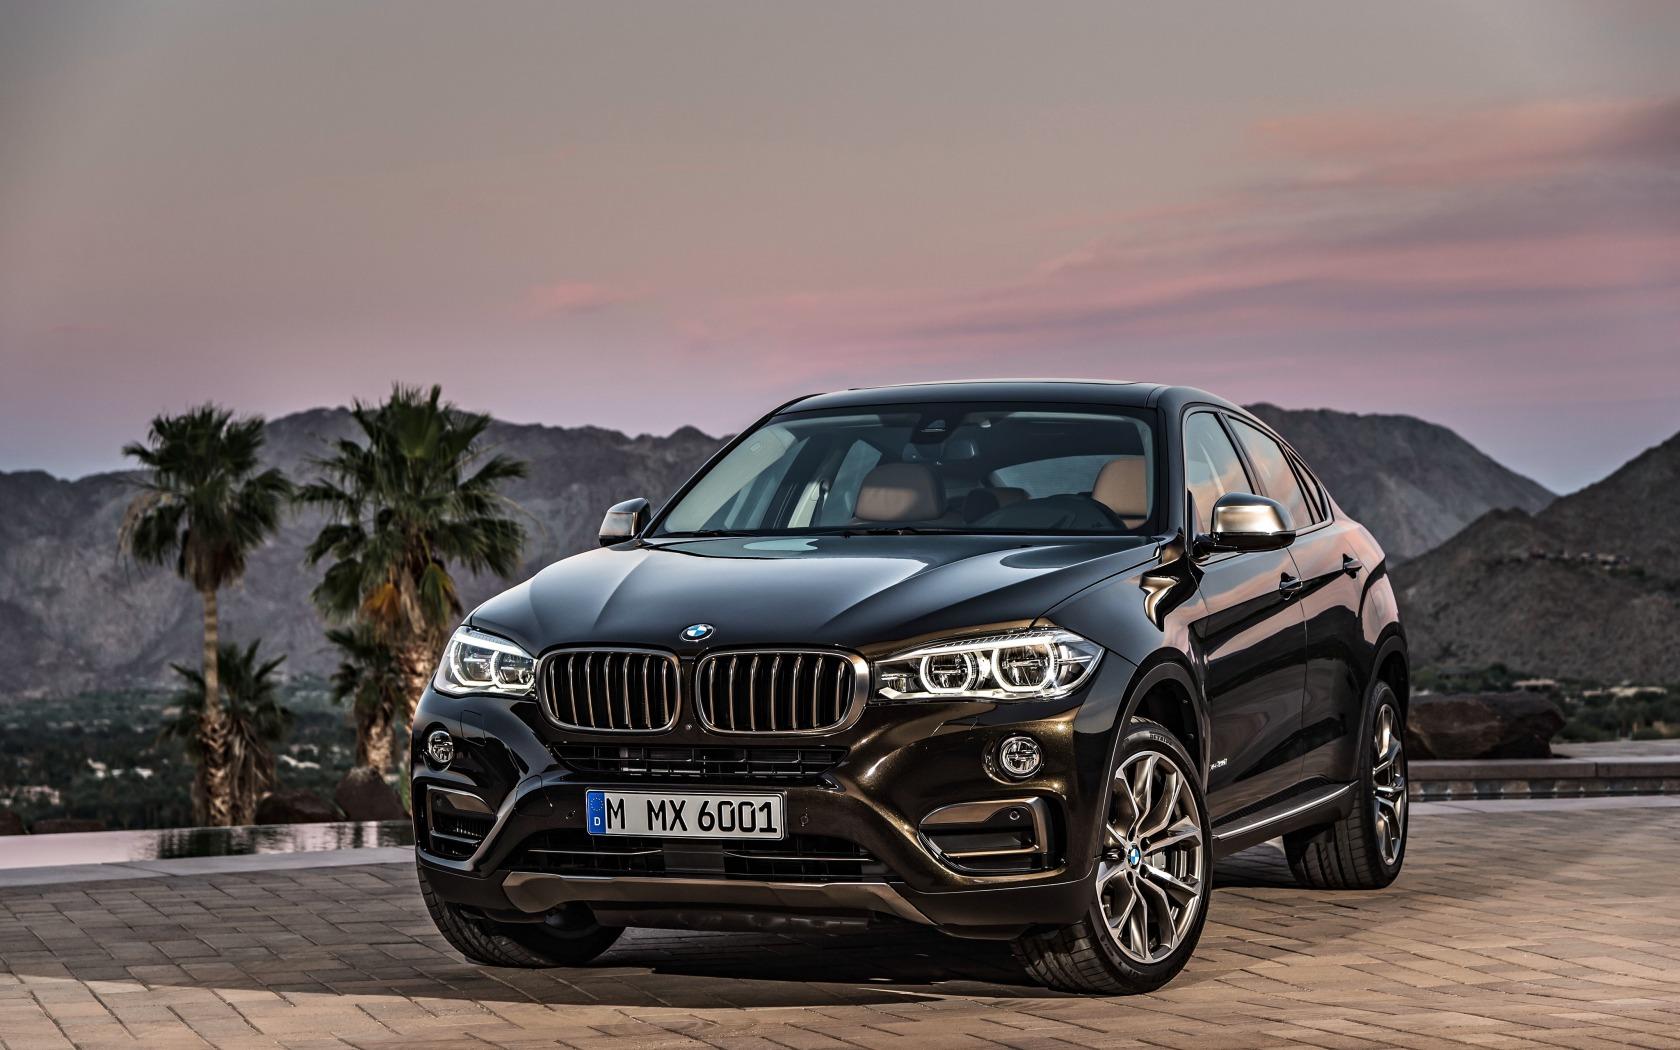 ارزش گمرکی خودروهای سواری BMW